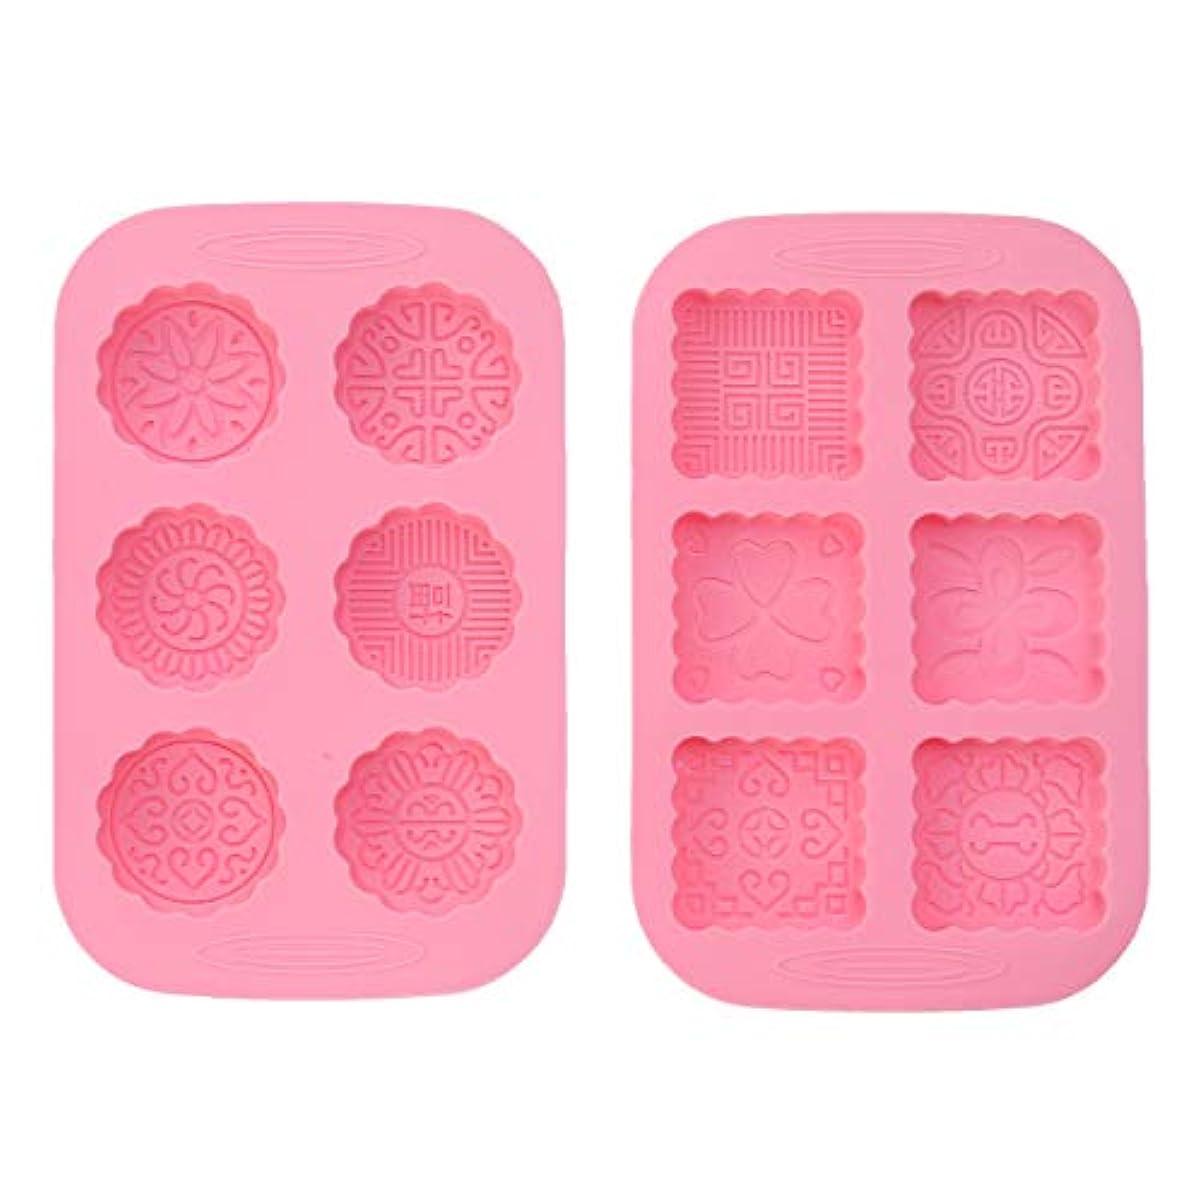 陪審歴史五月Healifty チョコレート石鹸パンのための2本の月餅型の花型(ピンク)